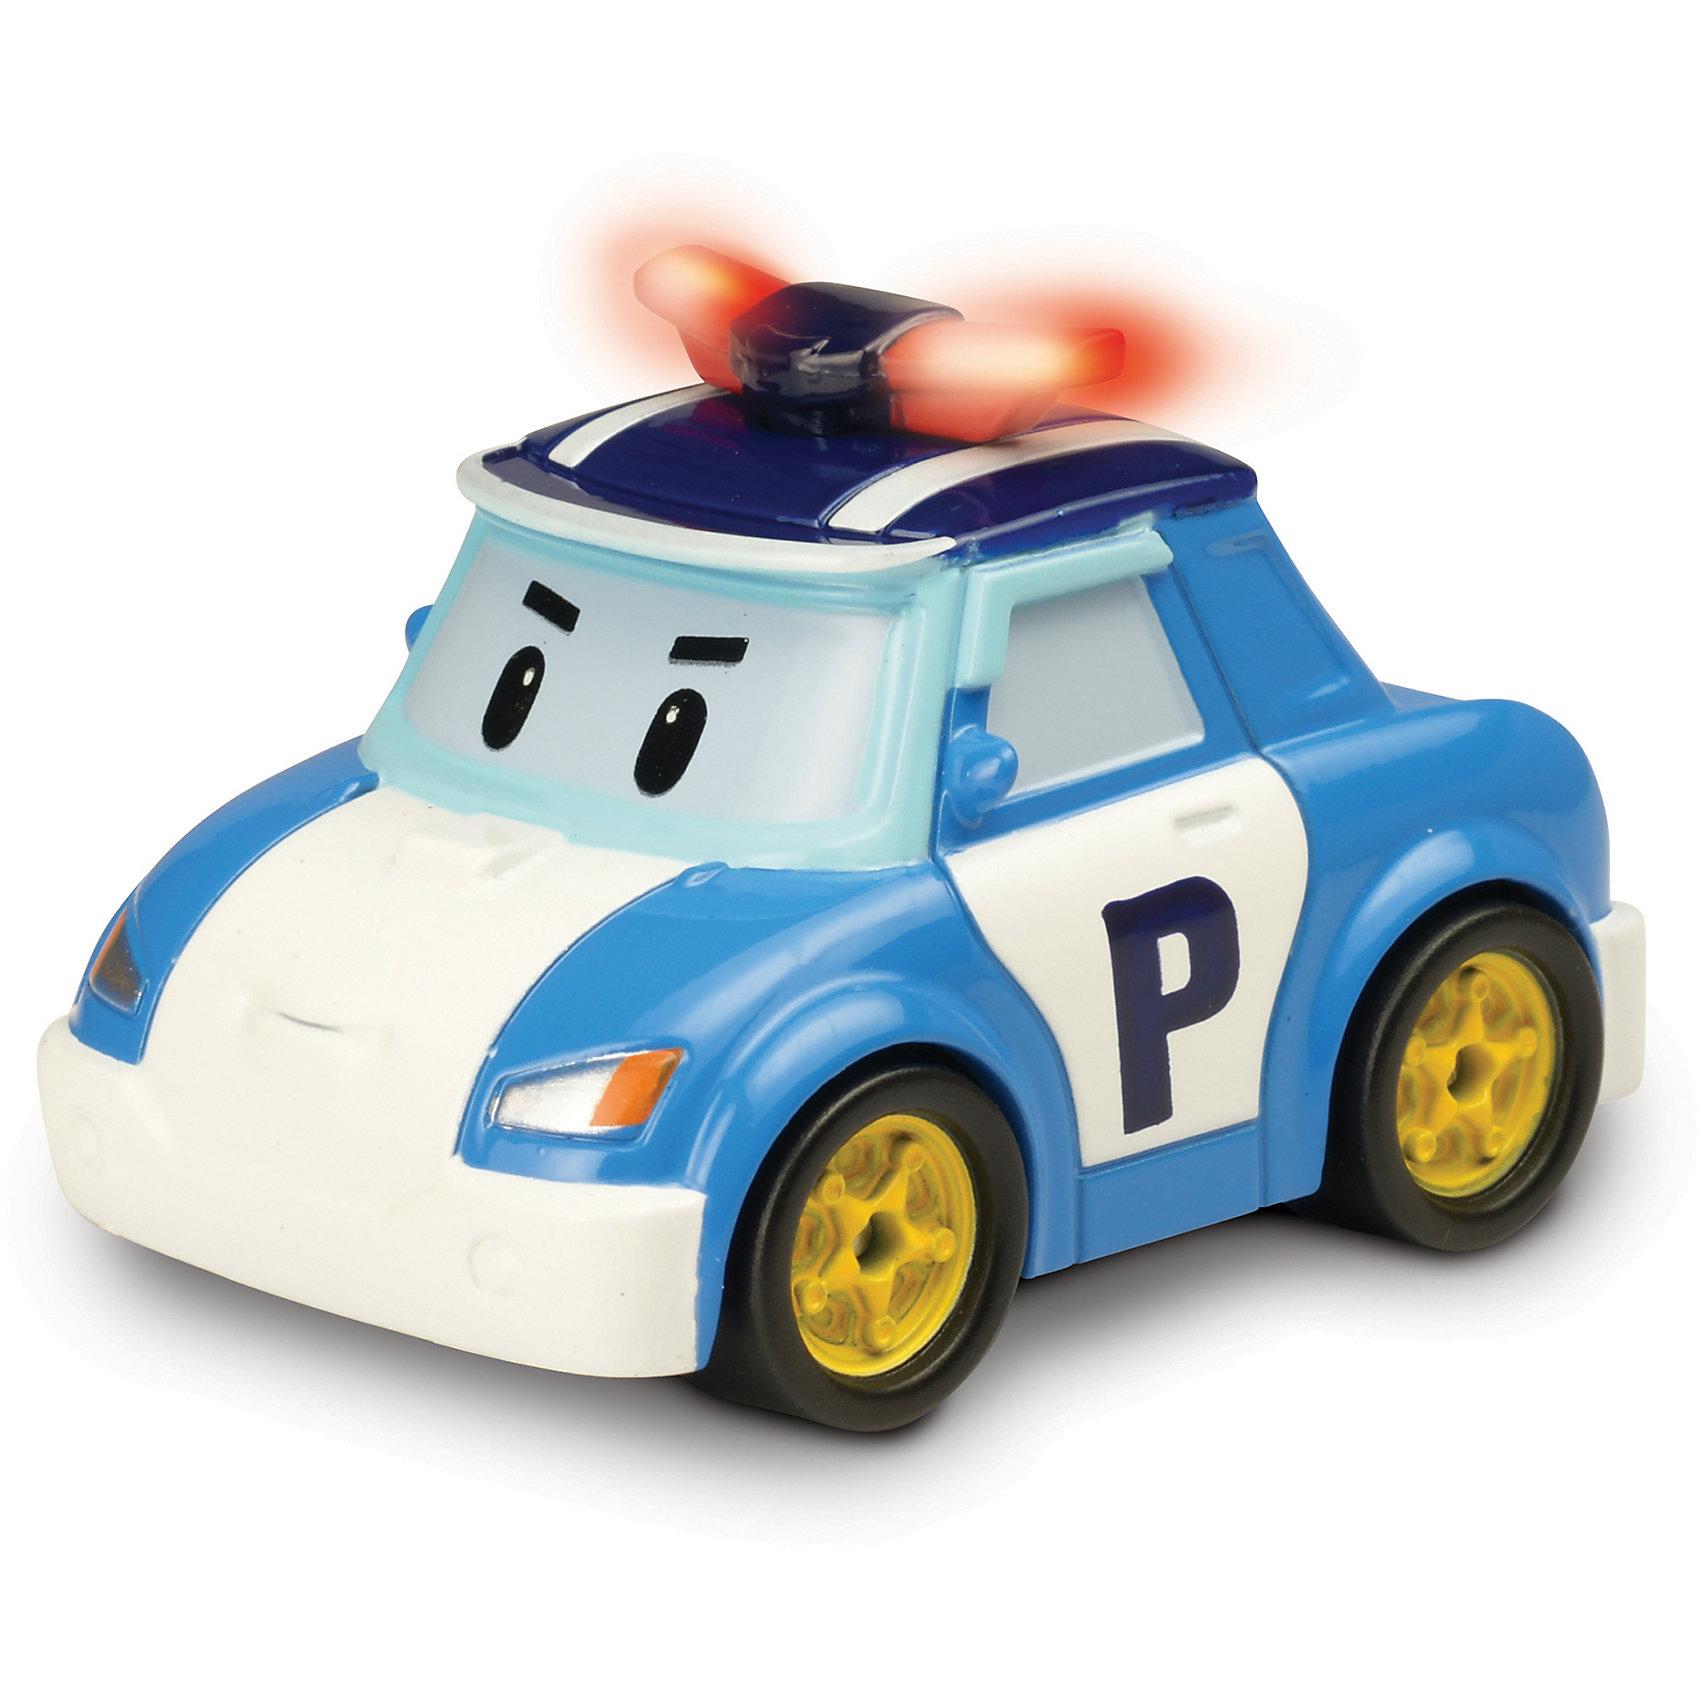 Умная машинка Поли, 6 см, Робокар ПолиМашинки и транспорт для малышей<br>Умная машинка Поли, 6 см, Робокар Поли – это автомобиль из мультсериала «Робокар Поли», который является членом команды спасателей. Это отважная полицейская машина-робот, которая борется с несправедливостью и обеспечивает порядок в удивительном городке Брумс. Главная особенность игрушек из серии «Умные машинки»  в том, что они оснащены внутренним аккумулятором и могут самостоятельно ездить по трекам всех игровых наборов серии «Робокар Поли», а в случае препятствия машинки самостоятельно останавливаются в 5 см от него! <br><br>Характеристики:<br>-Развивает: воображение, память, логическое мышление, мелкую моторику, речь, фантазию<br>-Игрушка выполнена из высококачественного пластика, с аккуратно обработанными краями, использованные красители не токсичны и гипоаллергенны<br>-Можно собрать всю коллекцию машин-спасателей (скорая помощь, пожарная машина, вертолет и полицейский) и разнообразить игры<br>-2 варианта движения машинки: инерционный или на основе встроенного аккумулятора (необходима станция подзарядки)<br><br>Дополнительная информация:<br>-Материалы: пластик<br>-Размеры в упаковке: 12х7х13 см<br>-Вес в упаковке: 94 г<br>-Размер машинки: 6 см<br>-Внимание! Станция подзарядки Energy station (Энерджи Стэйшн) покупается отдельно в составе игровых наборов-треков Умные машинки<br><br>Ребенок с интересом будет патрулировать улицы городка Брумстаун вместе Робокаром Поли, помогать его жителям в решении проблем, как в любимом мультфильме или придумывая сюжеты самостоятельно!<br><br>Умную машинку Поли, 6 см, Робокар Поли можно купить в нашем магазине.<br><br>Ширина мм: 120<br>Глубина мм: 70<br>Высота мм: 130<br>Вес г: 94<br>Возраст от месяцев: 36<br>Возраст до месяцев: 84<br>Пол: Унисекс<br>Возраст: Детский<br>SKU: 4281694